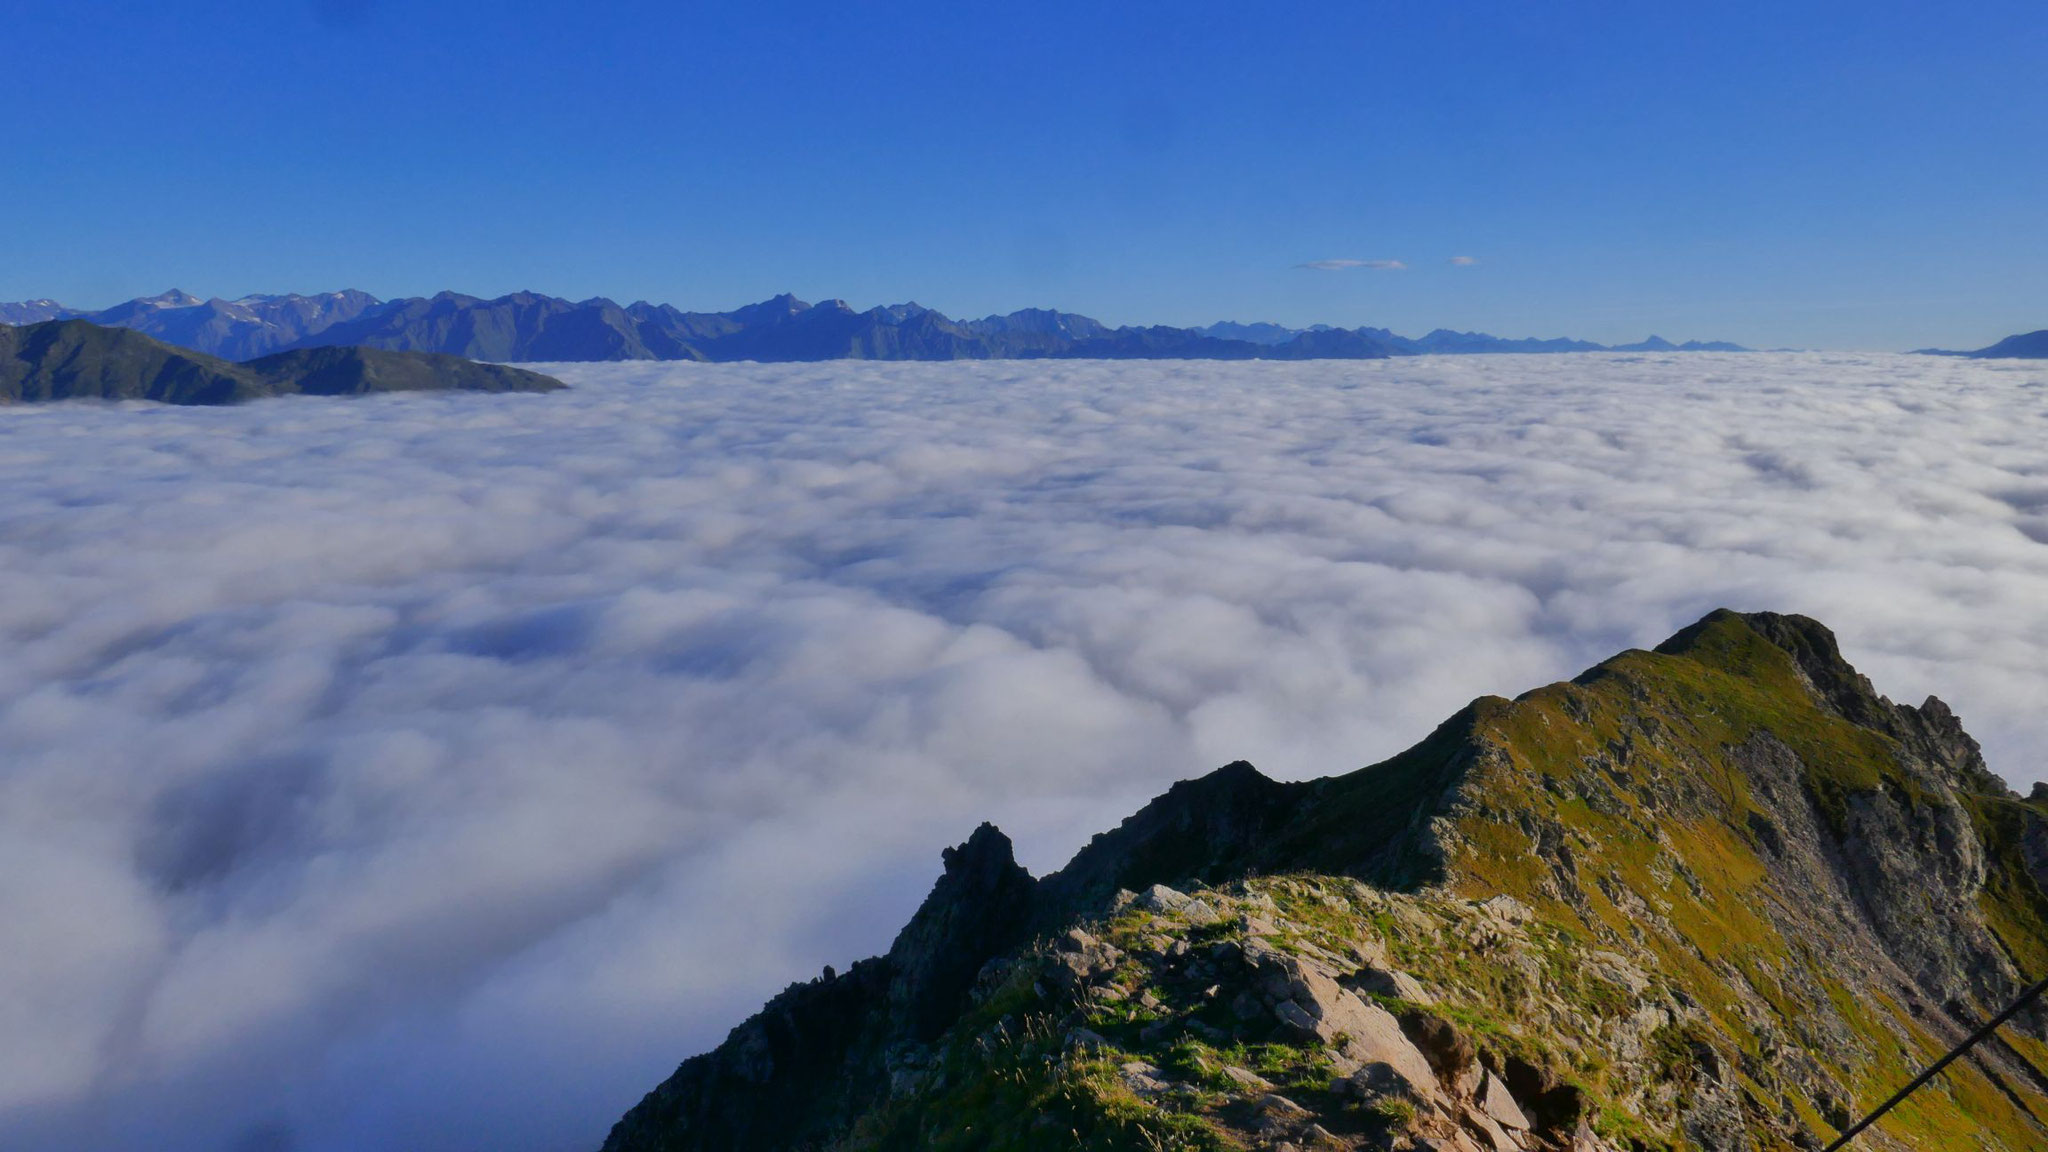 Ötztaler Alpen mit Texelgruppe, das Meraner Becken unter der Nebeldecke